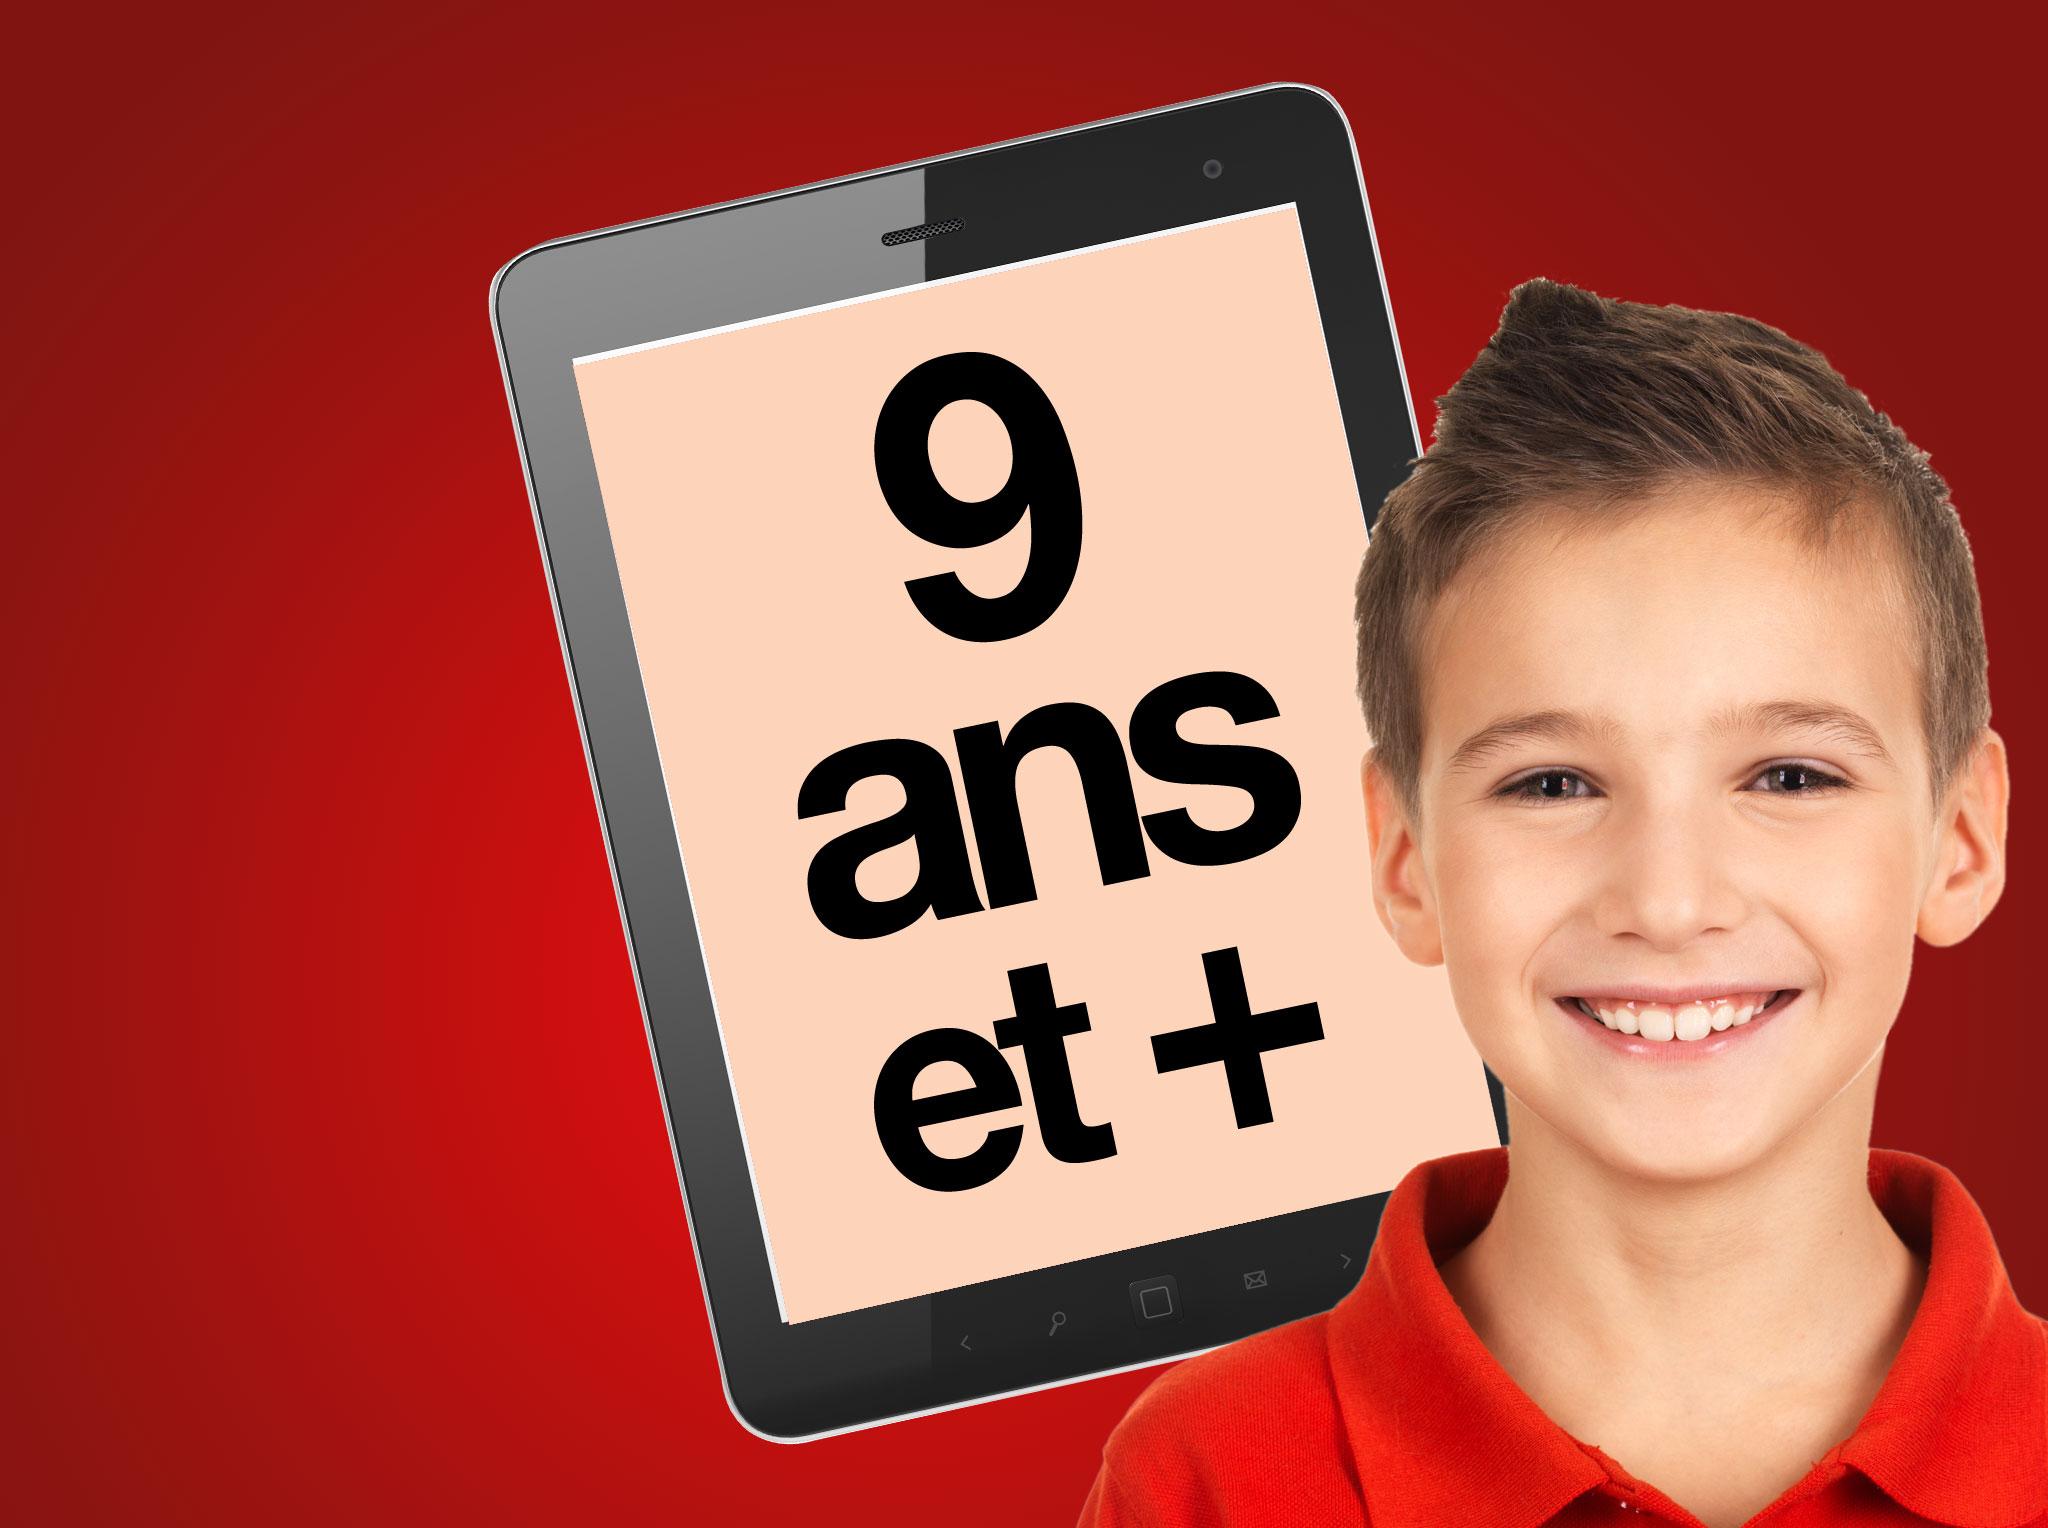 Jeux Sur Tablette: 64 Choix Pour Enfants | Protégez-Vous.ca destiné Jeux 2 Ans En Ligne Gratuit